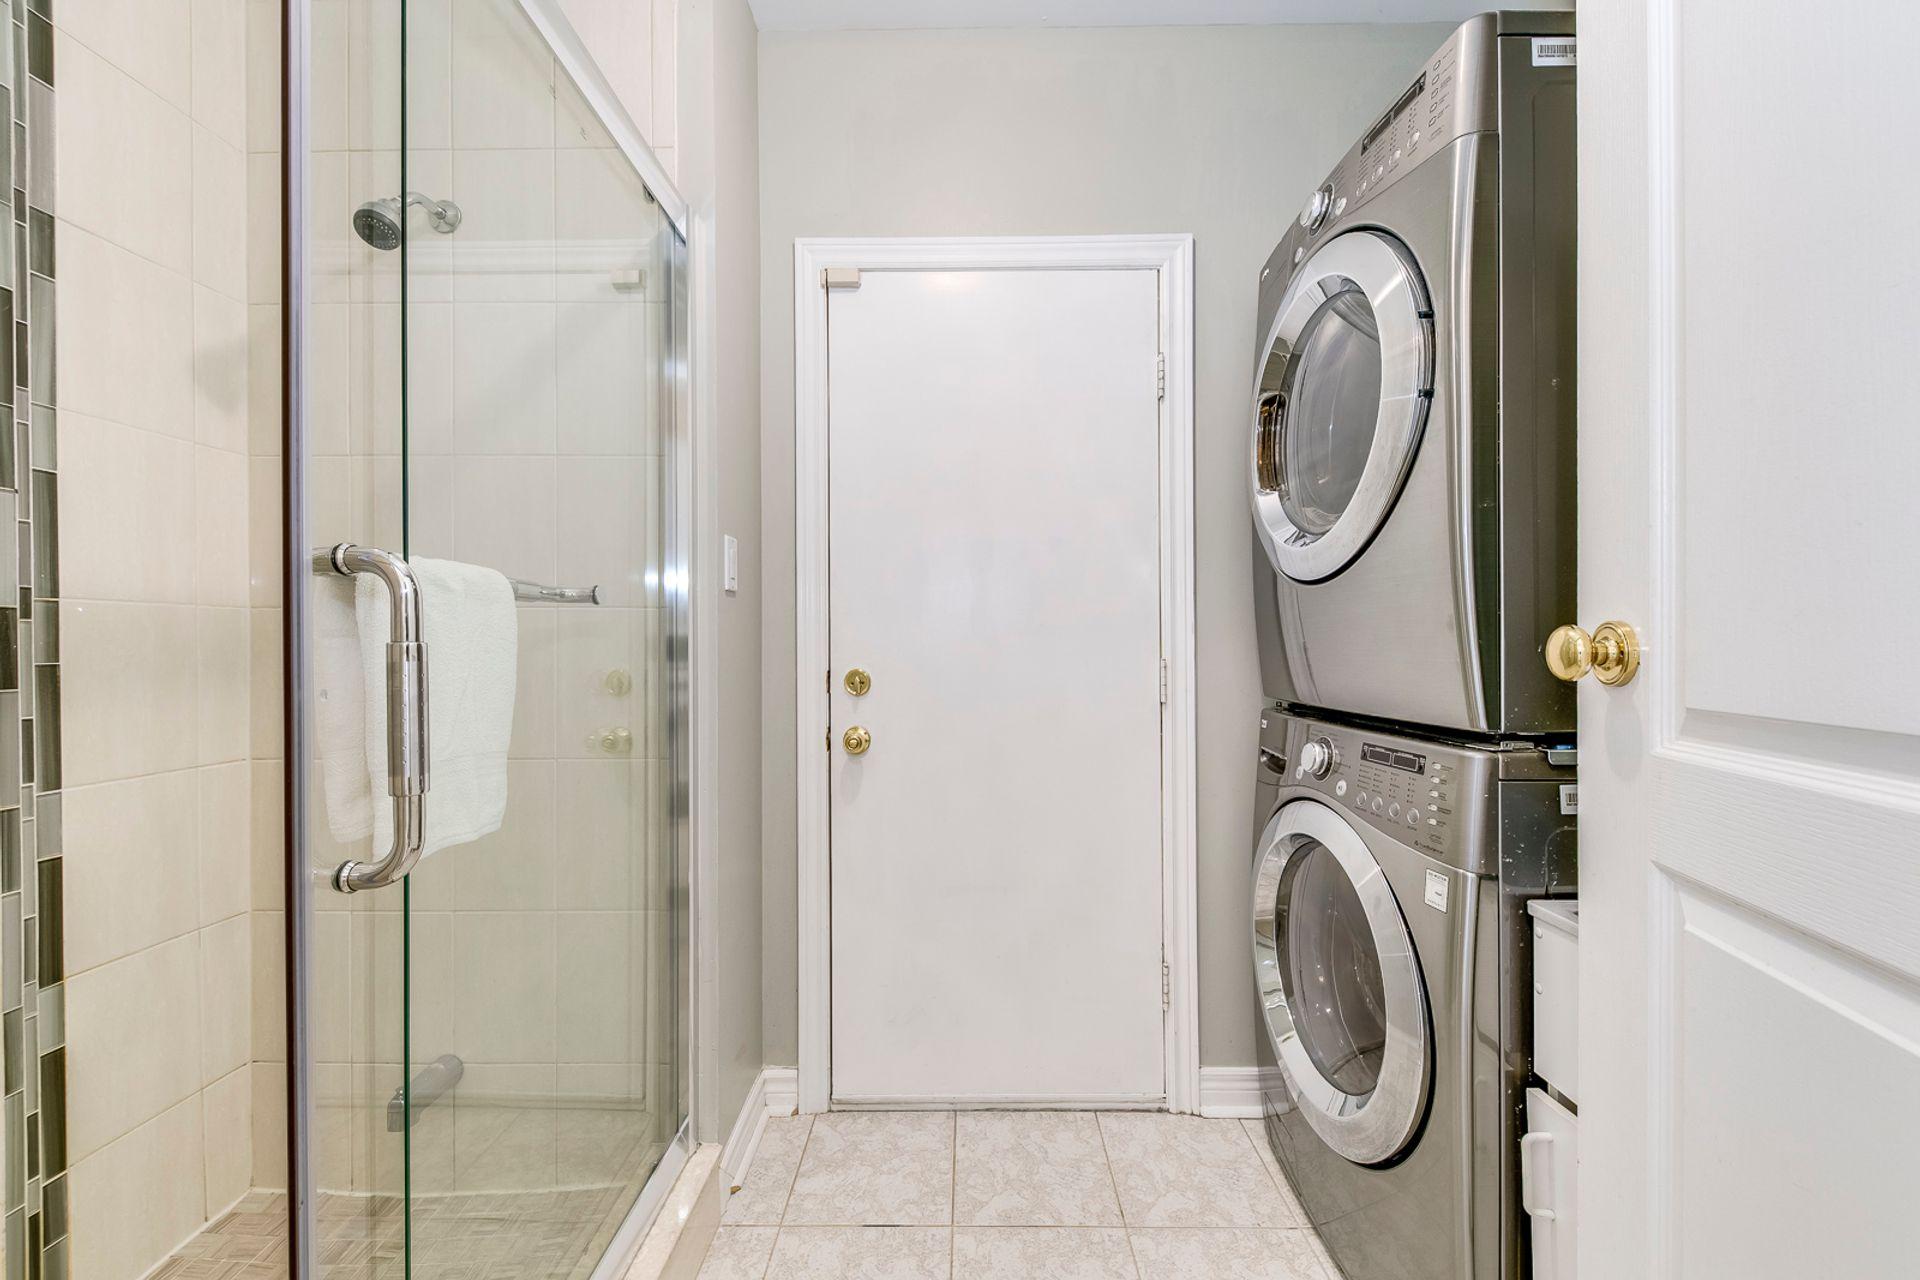 Laundry Room - 5156 Heatherleigh Ave, Mississauga - Elite3 & Team at 5156 Heatherleigh Avenue, East Credit, Mississauga